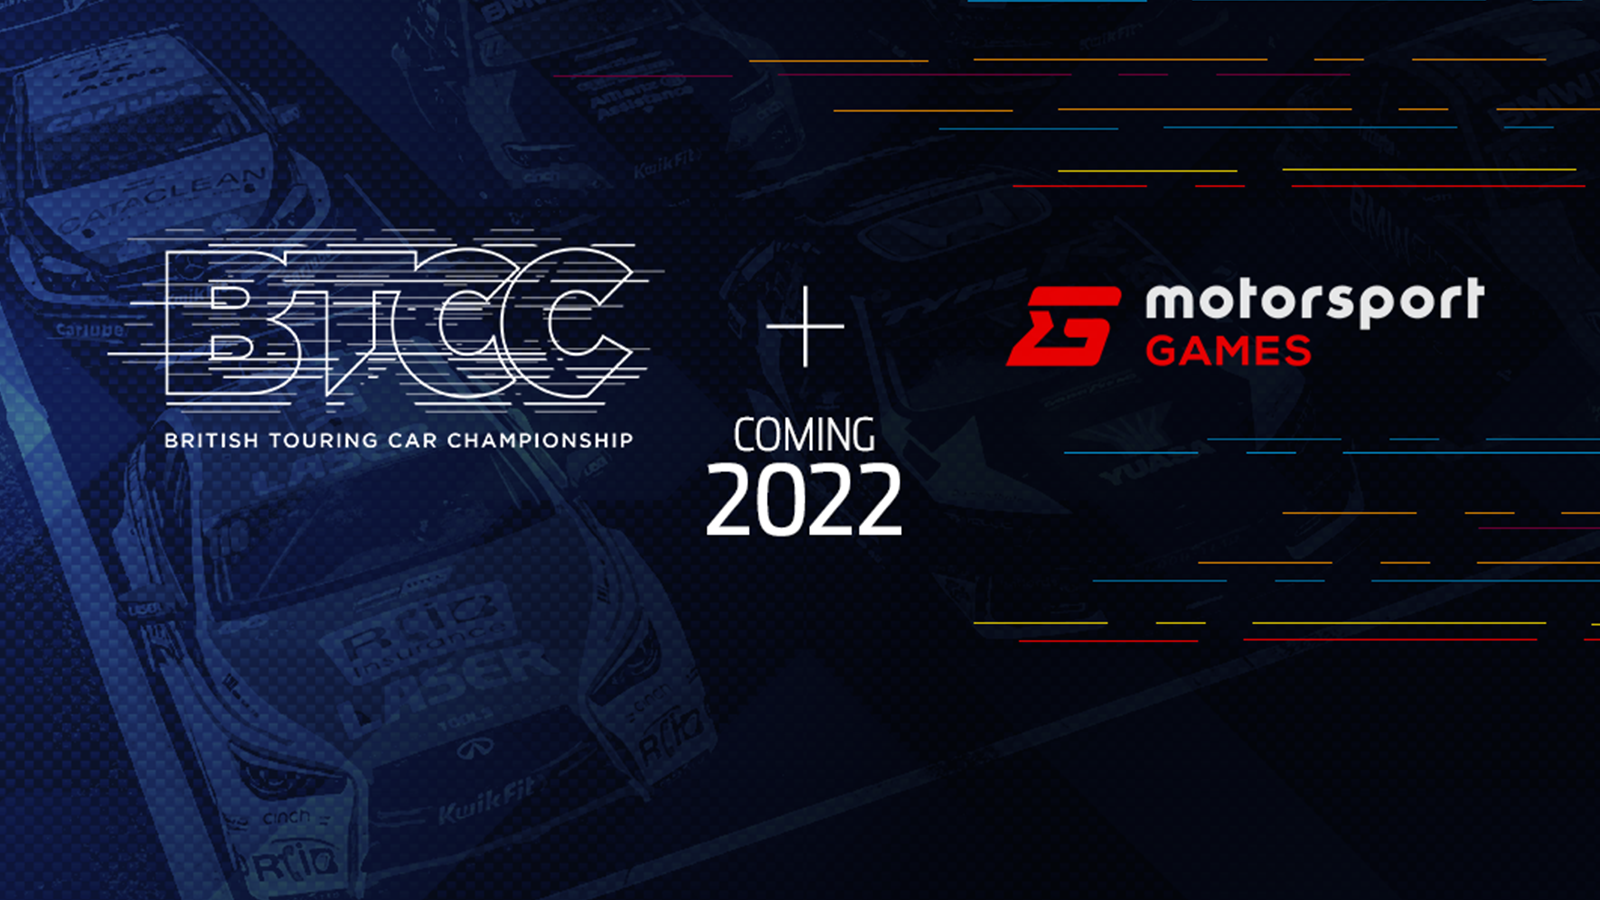 motorsportgames.com